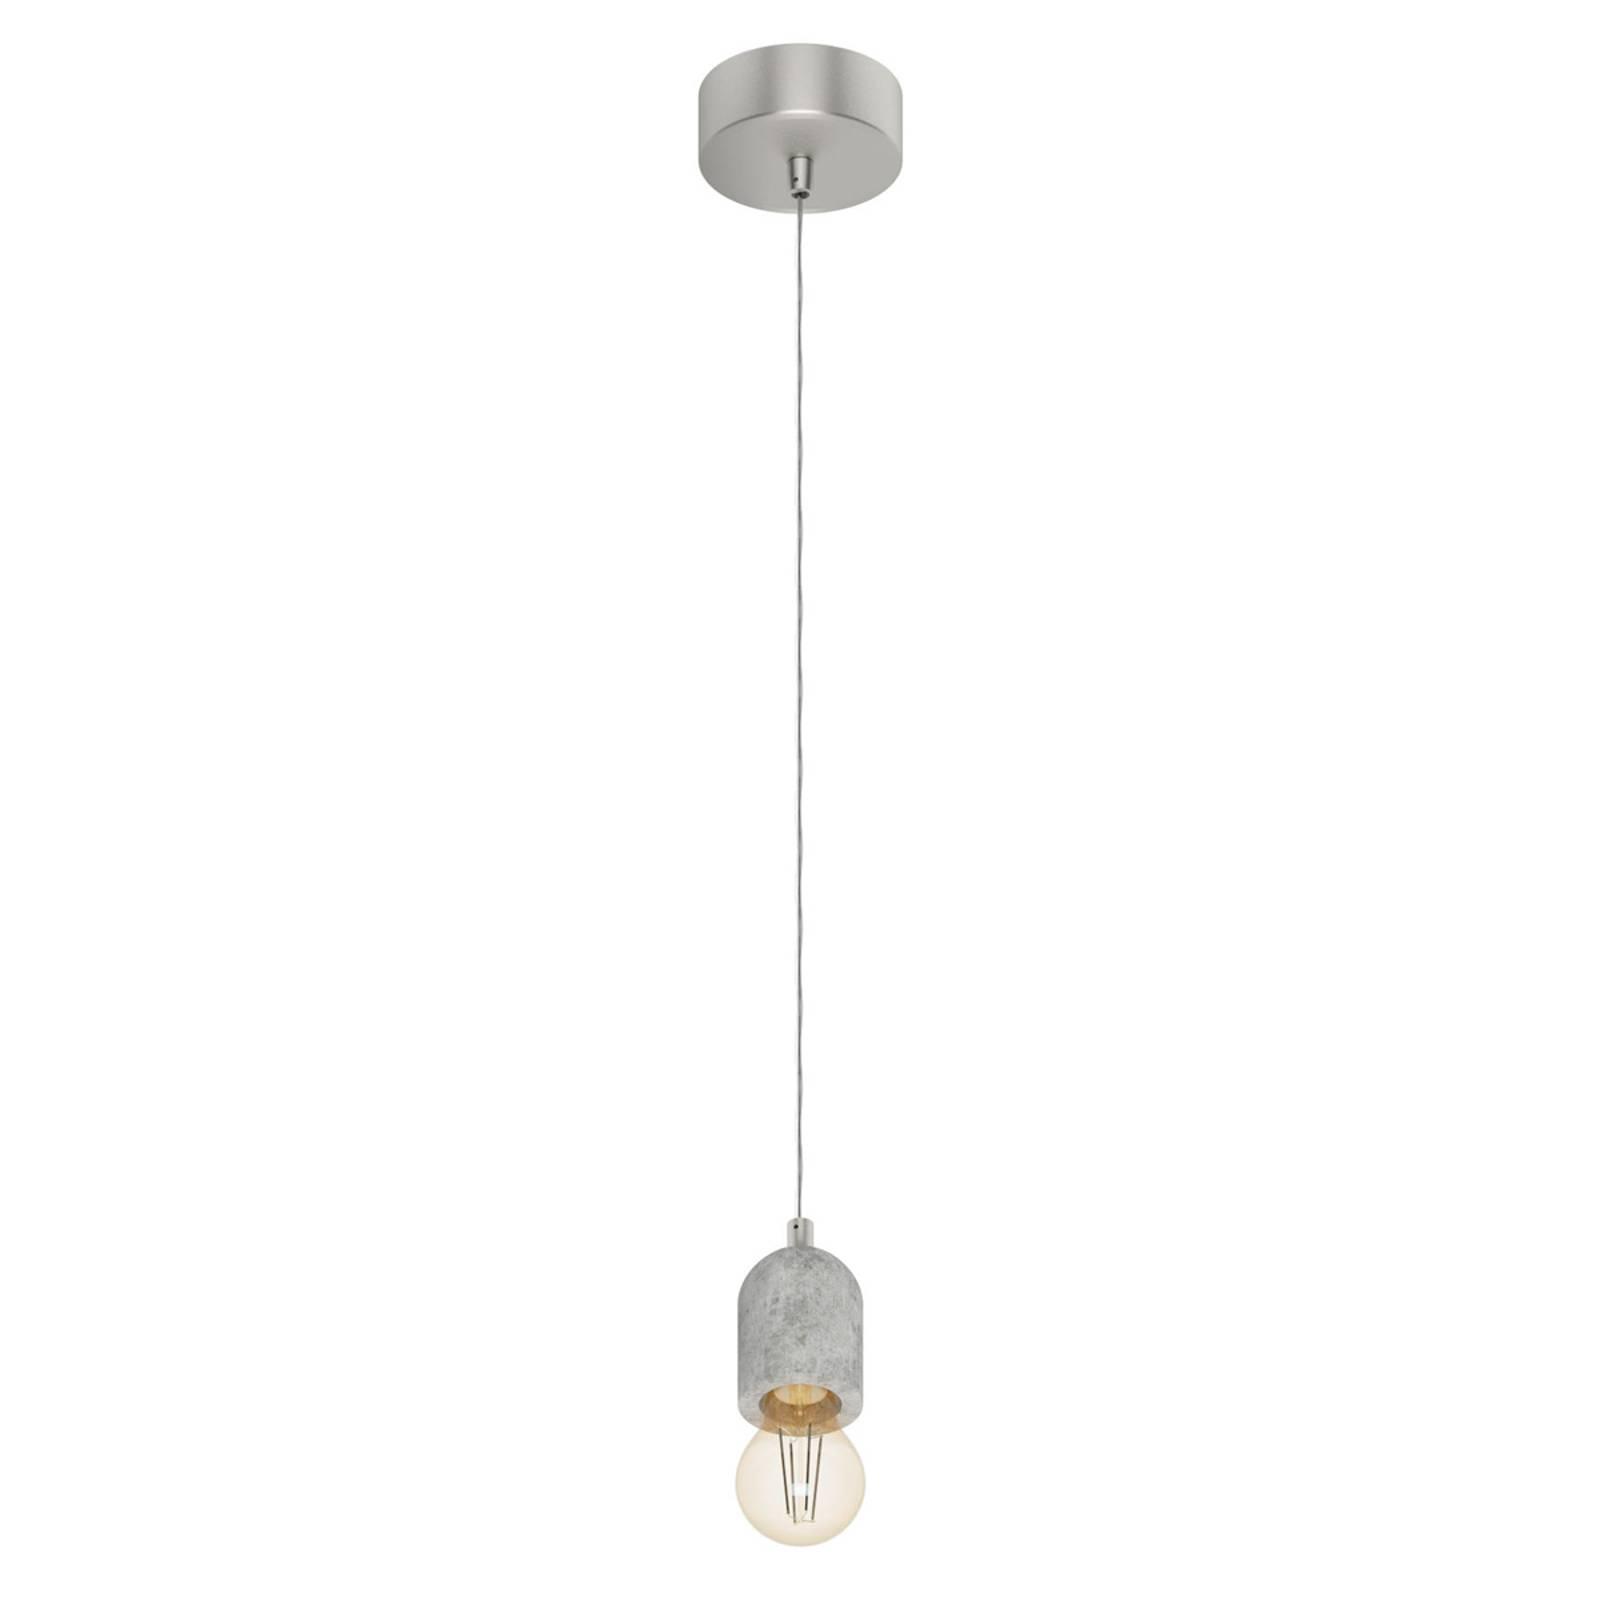 Puristische hanglamp Silvares